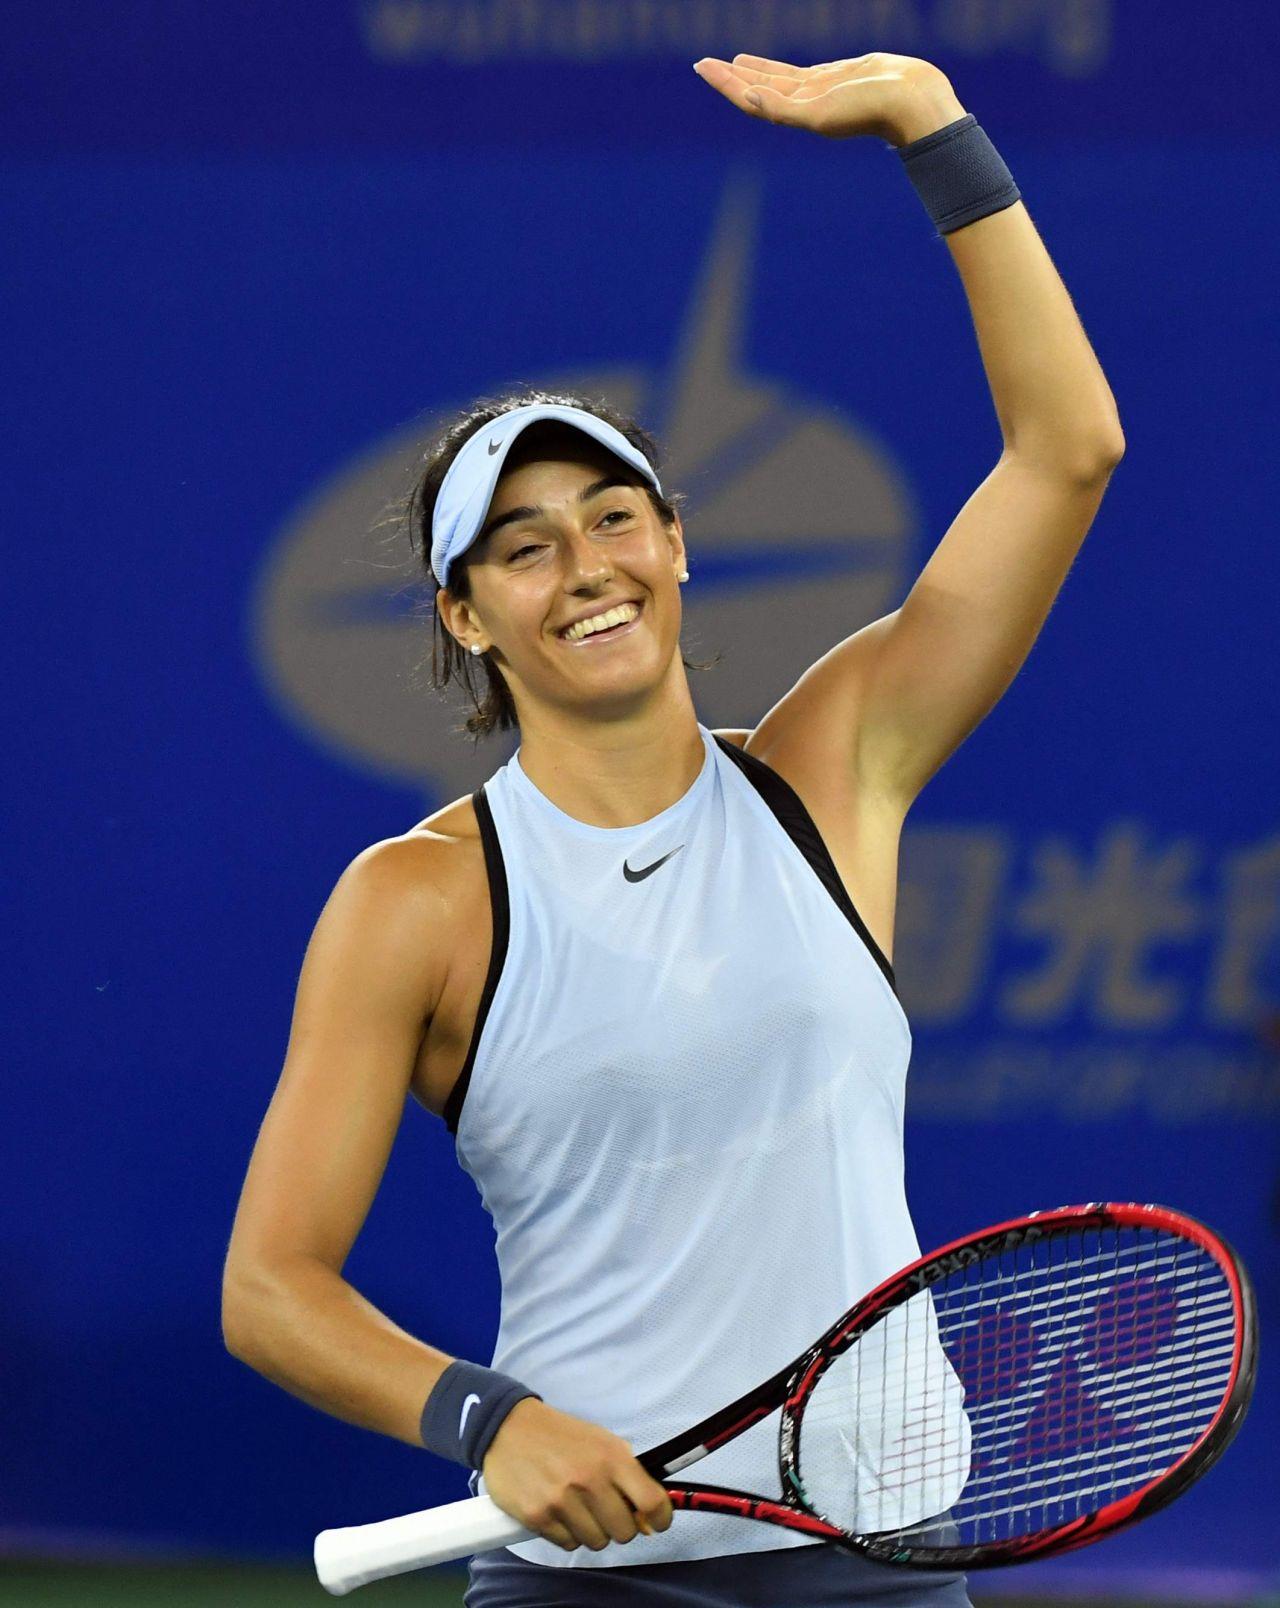 Caroline Garcia 2017 Wta Wuhan Open 09 28 2017